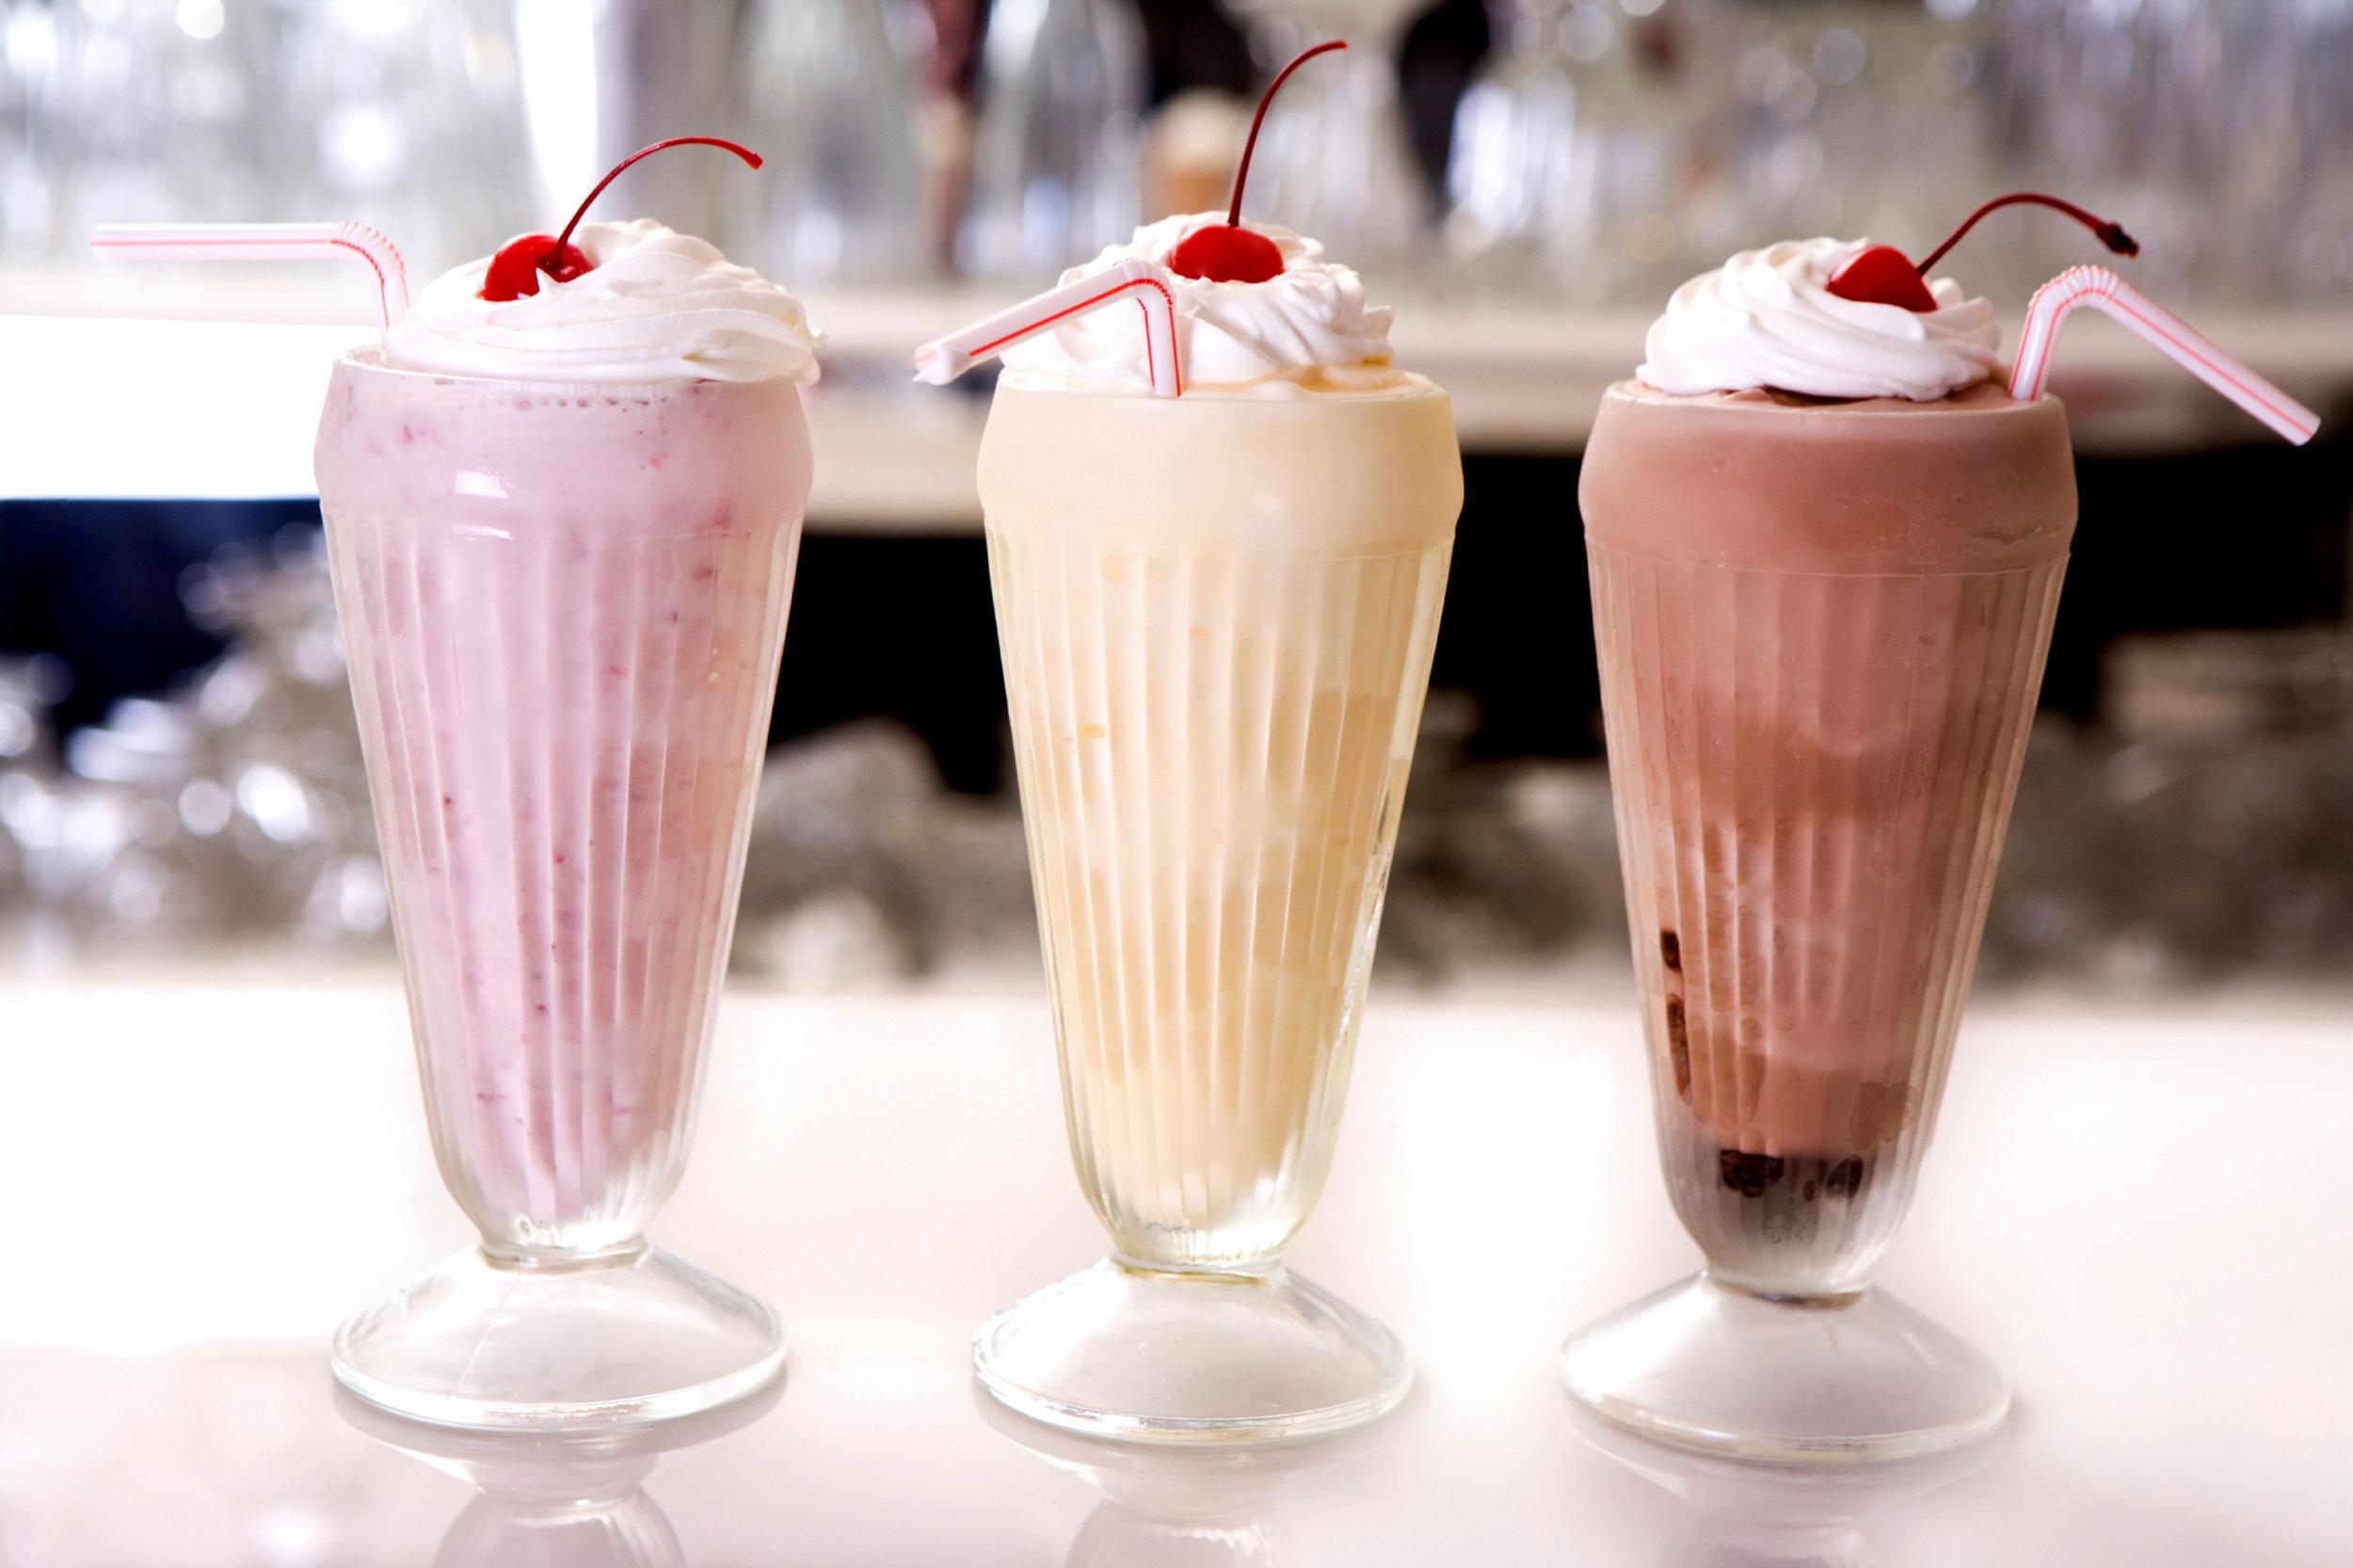 3 Flavored Shakes.jpg